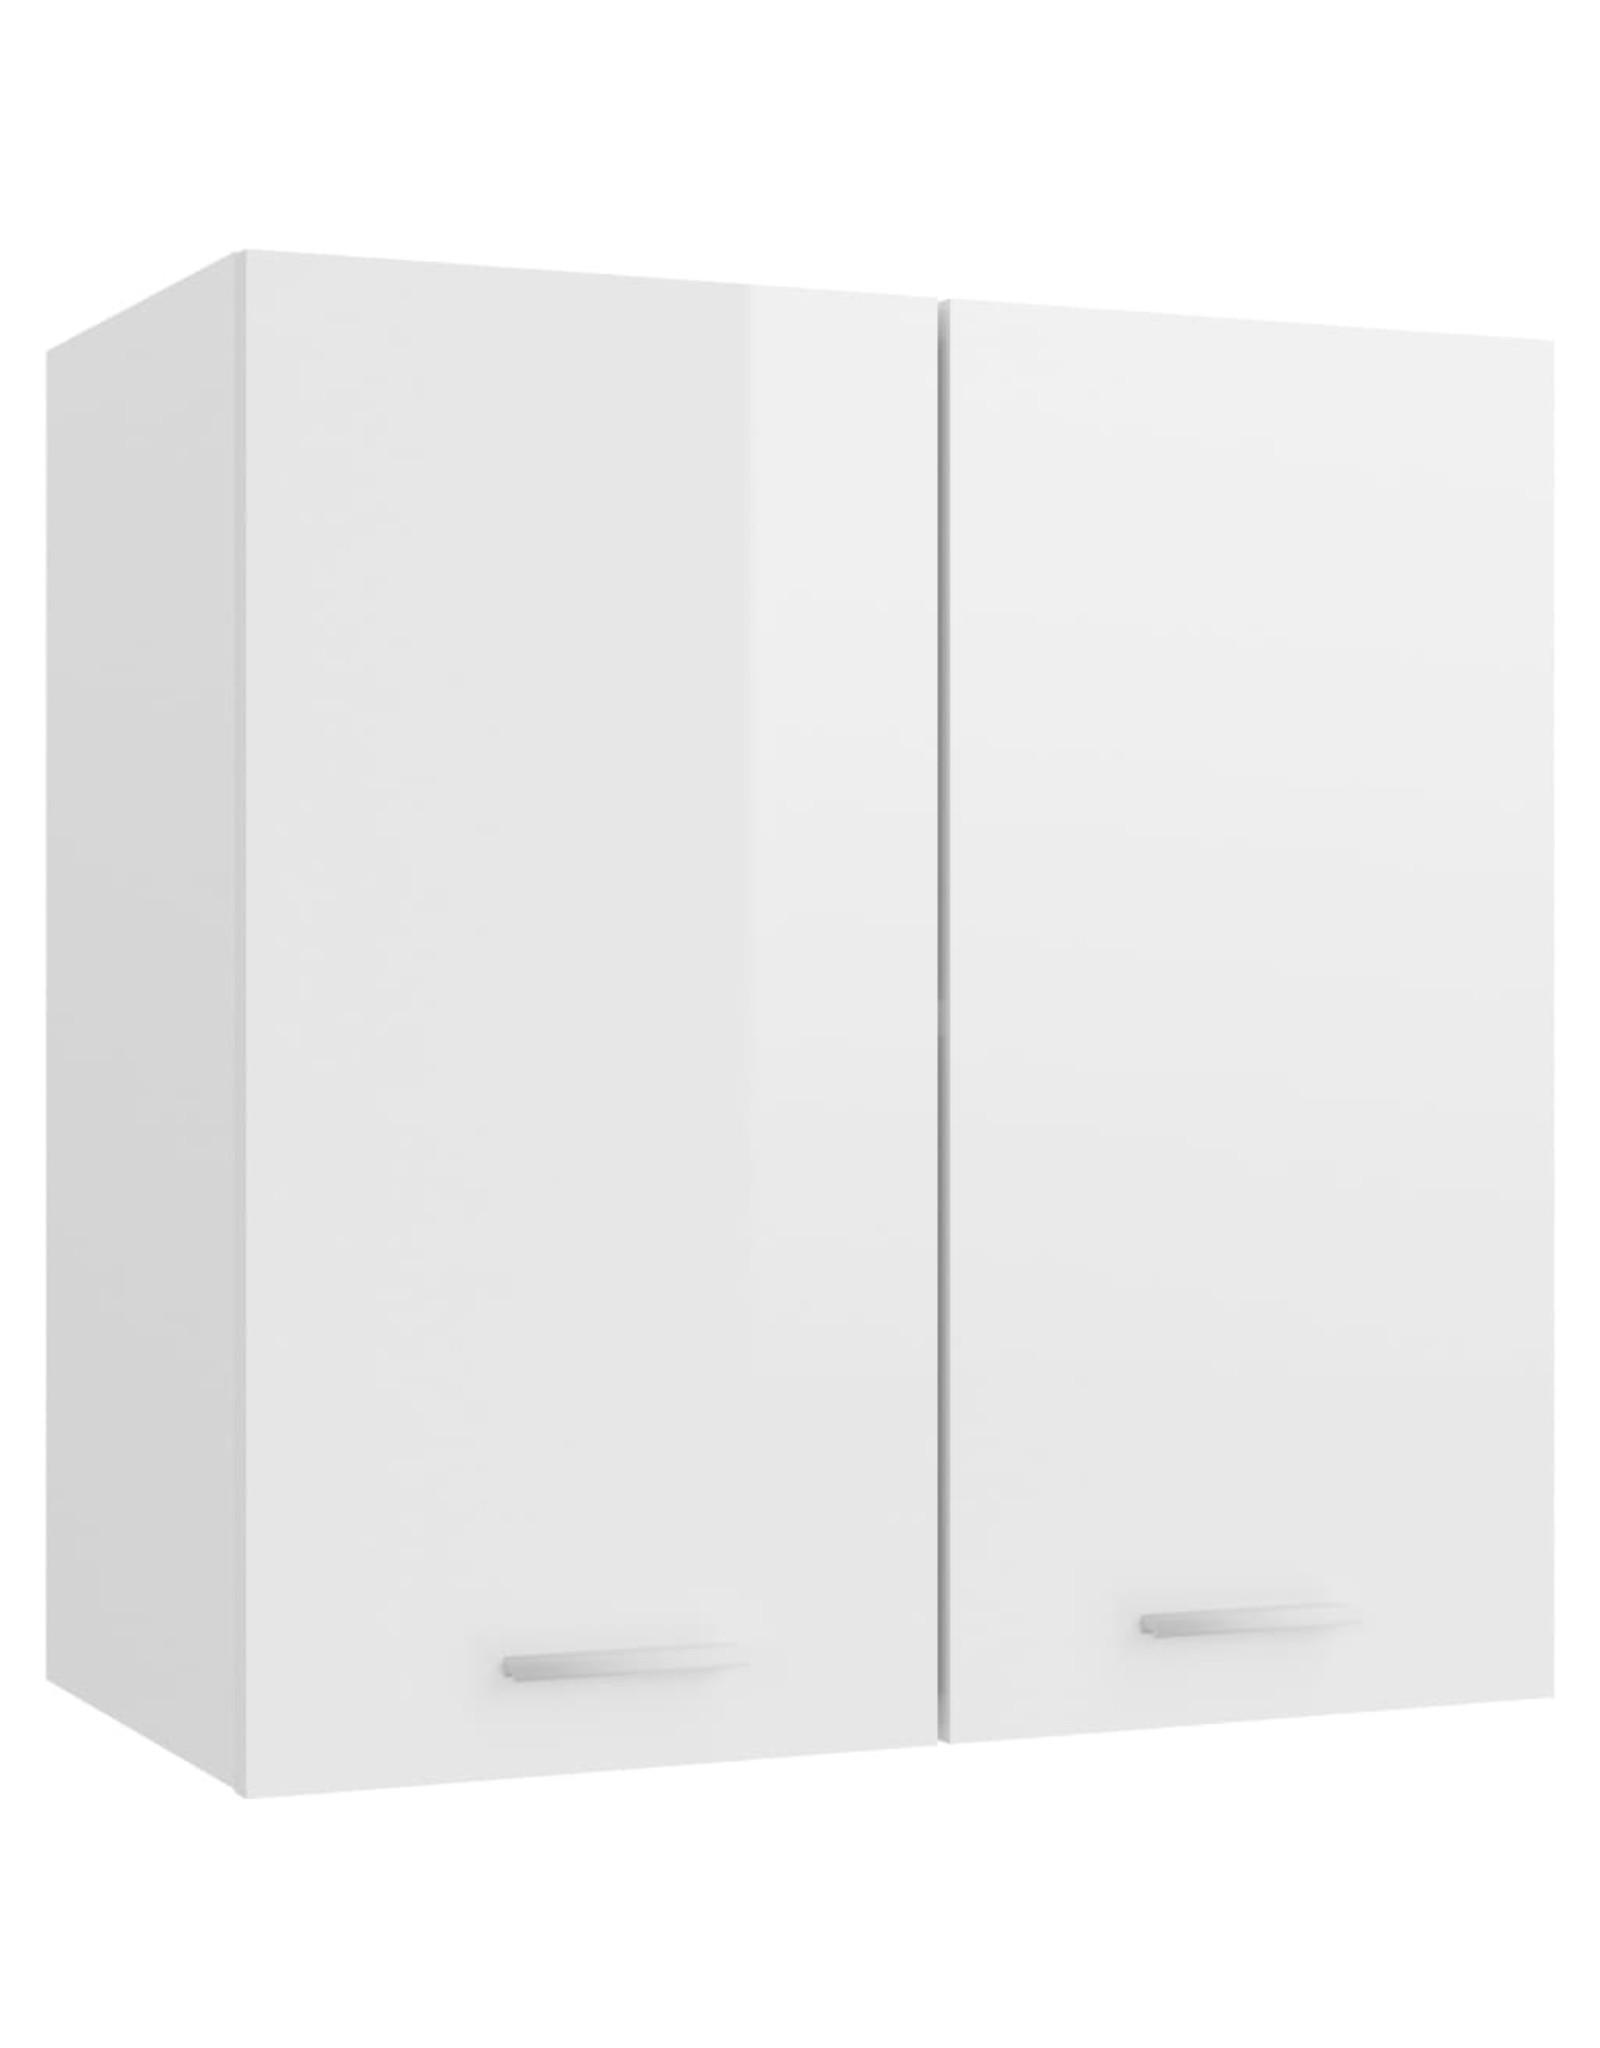 Hangkast 60x31x60 cm spaanplaat hoogglans wit